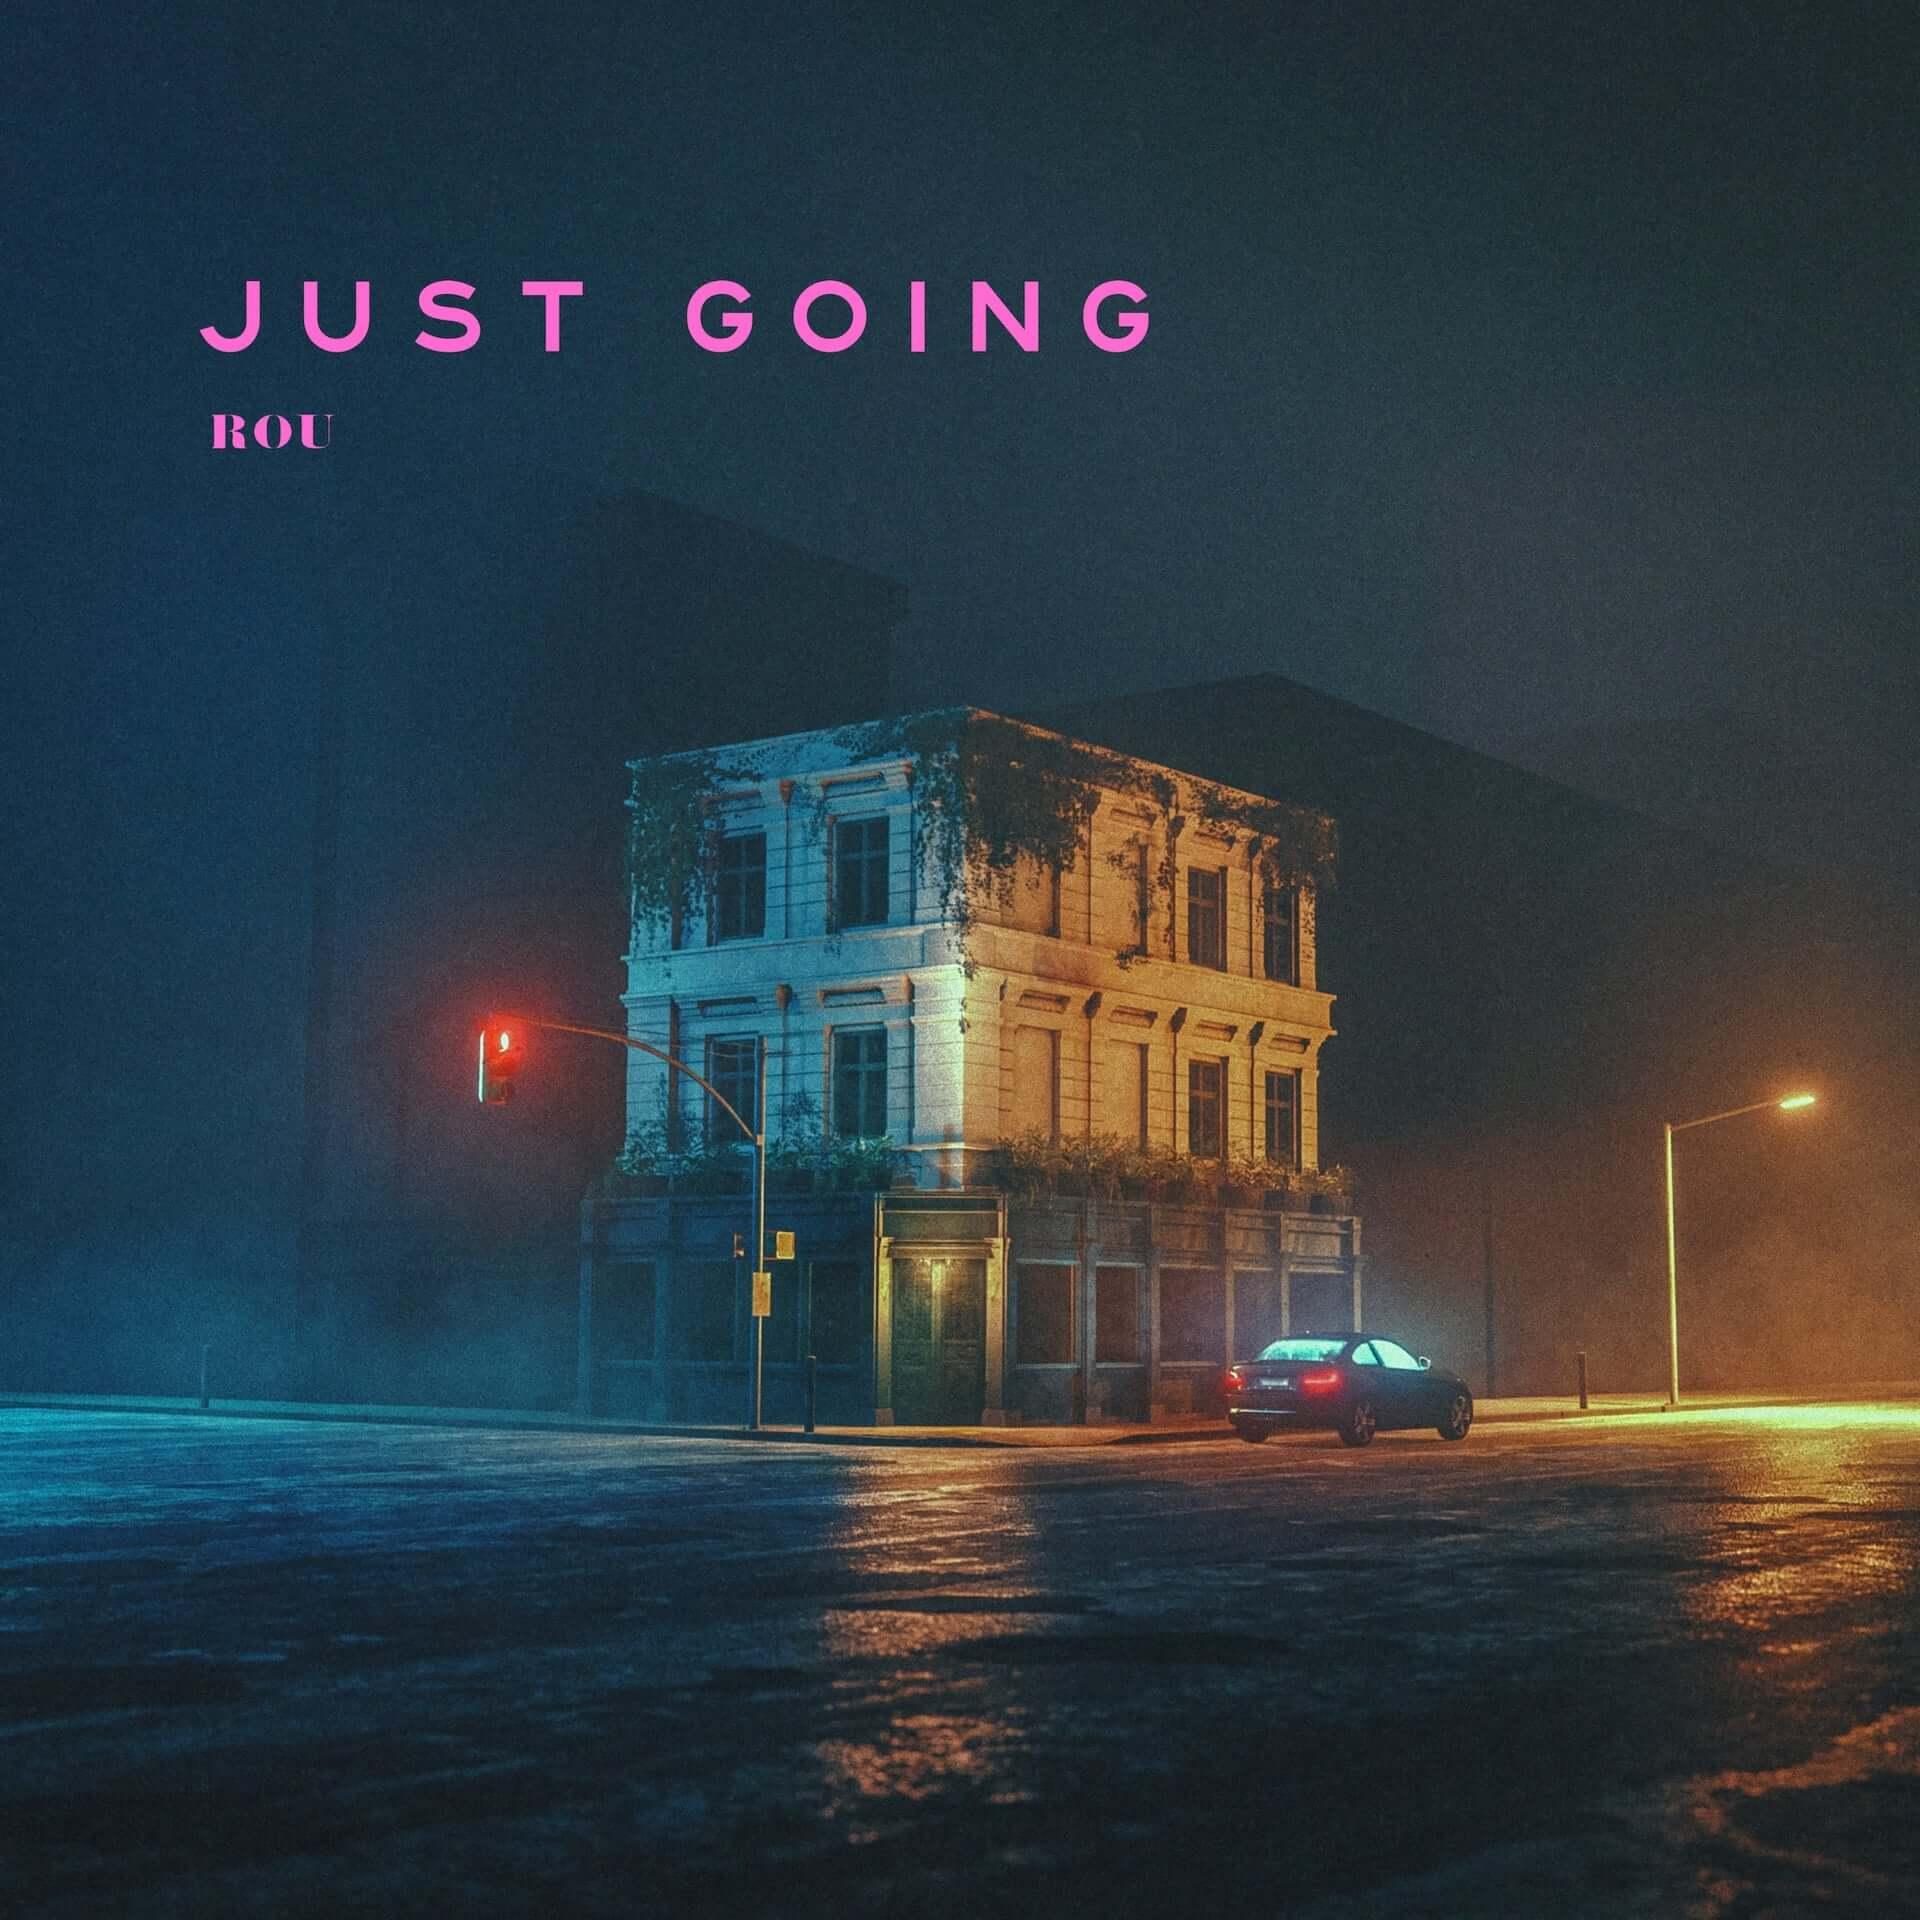 """新鋭SSW・ROUがSho Asanoとのコラボ曲""""JUST GOING""""をリリース!渋谷WOMBでの単独生配信ライブも開催決定 music210224_rou_2-1920x1920"""